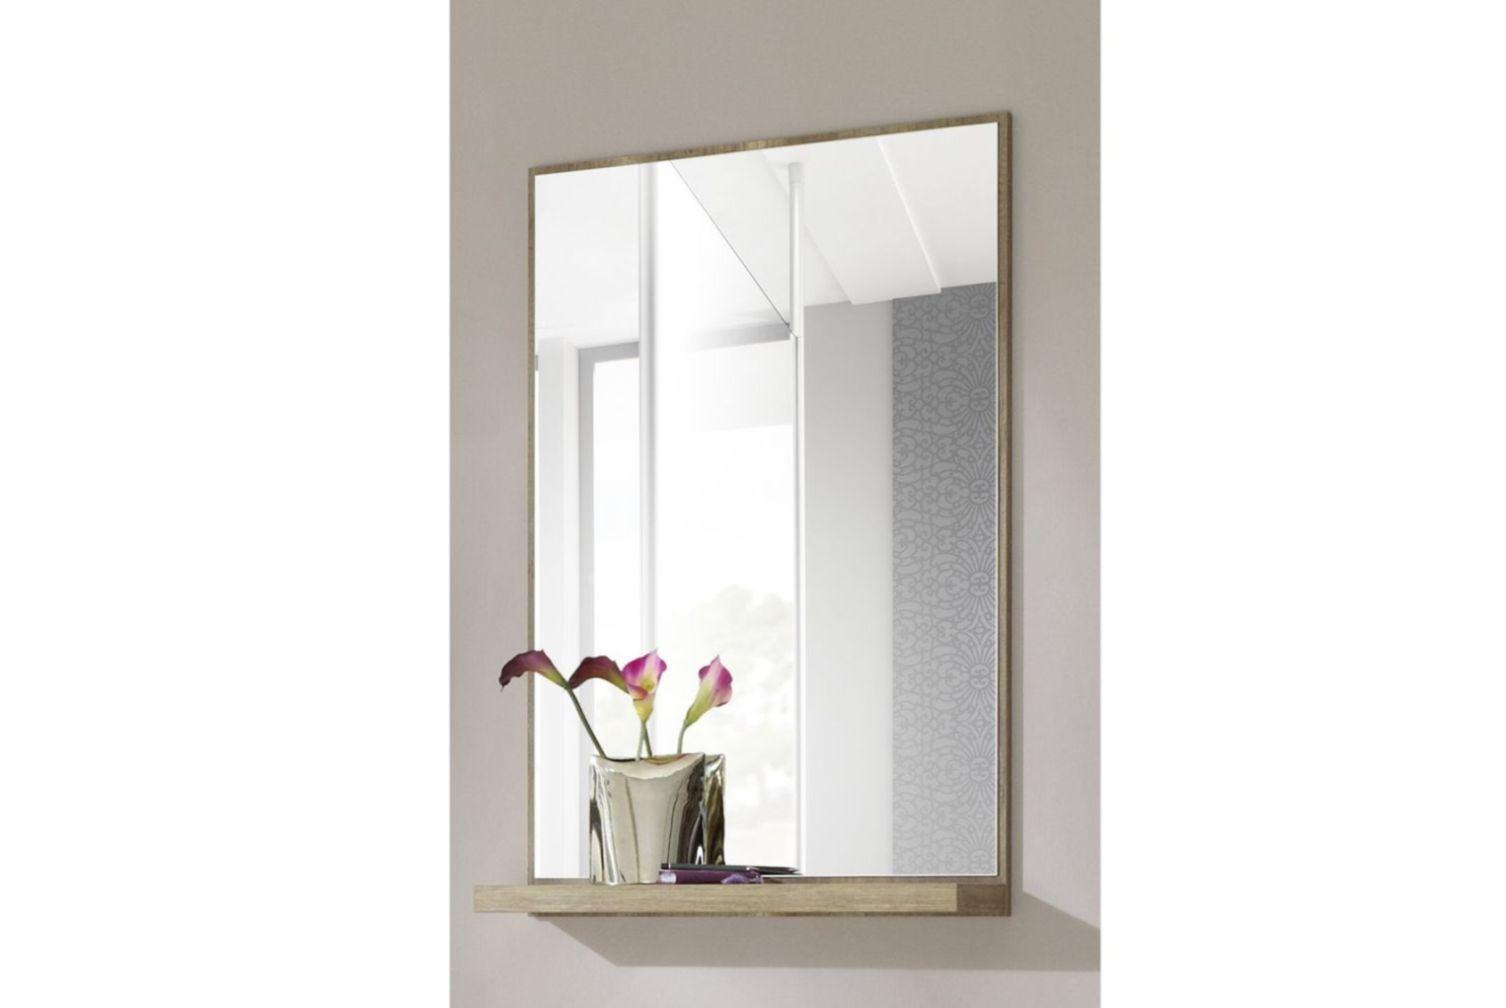 spiegel garderobenspiegel mit ablage wandspiegel flurspiegel neu garderobe neu ebay. Black Bedroom Furniture Sets. Home Design Ideas